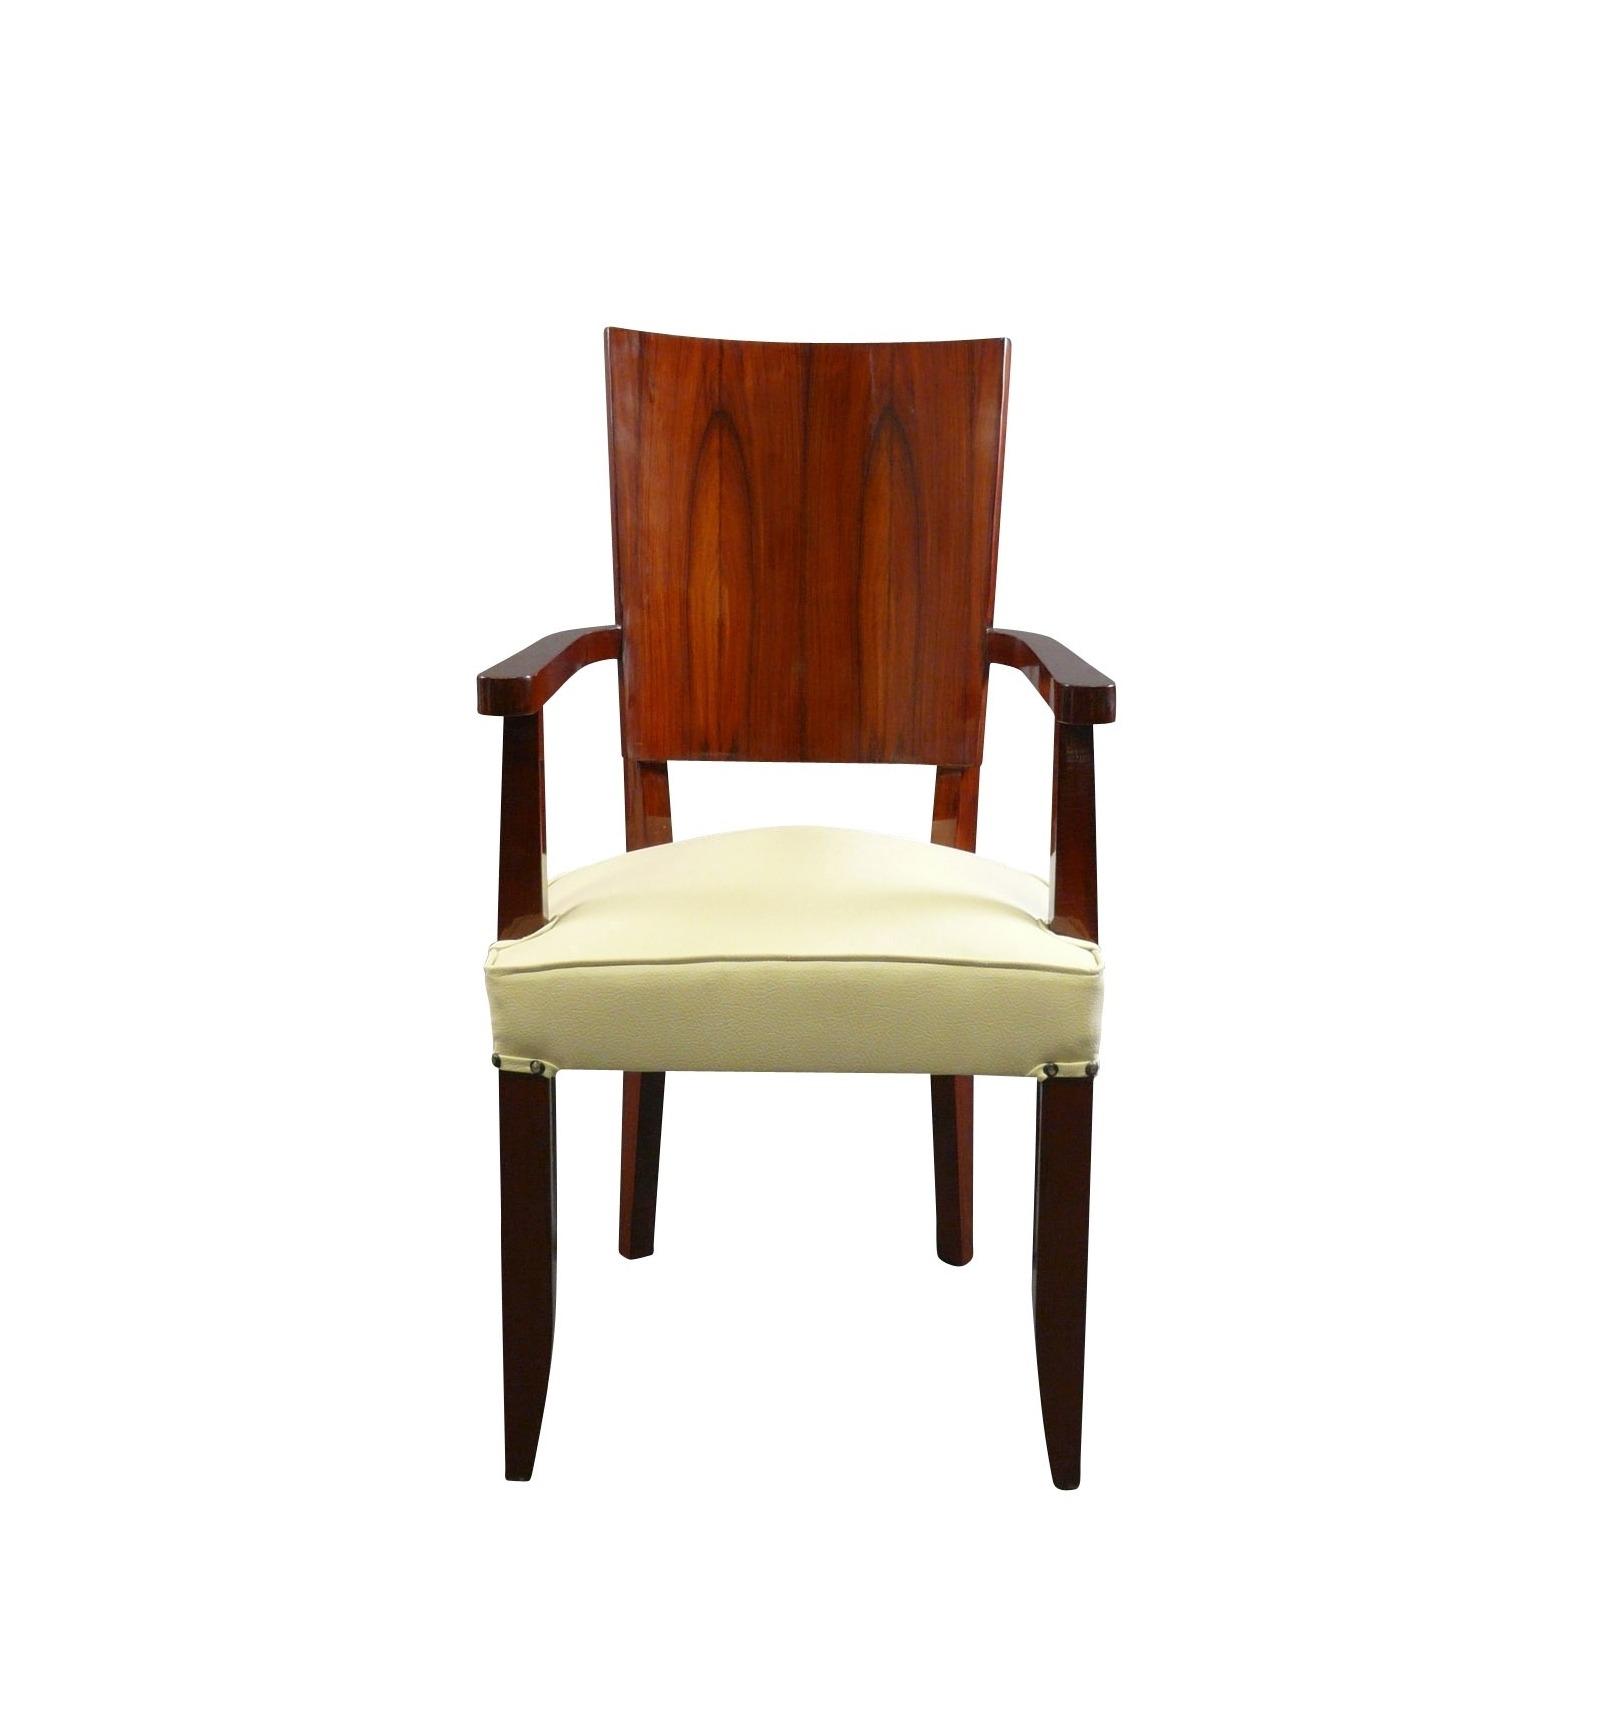 fauteuil art d co d 39 apr s un mod le des ann es 1920 meubles art d co. Black Bedroom Furniture Sets. Home Design Ideas